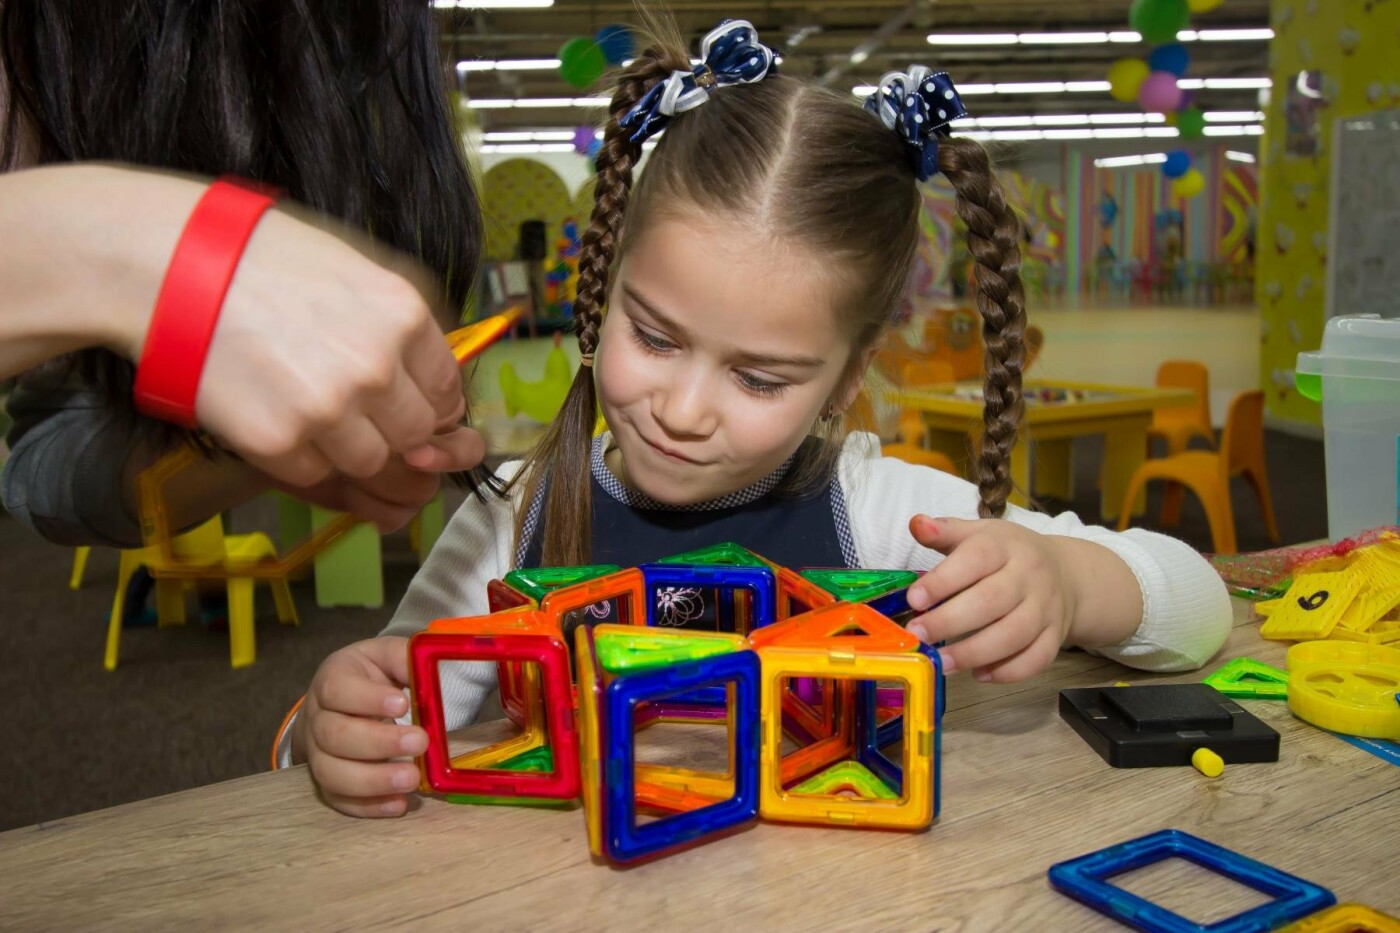 Мы поможем выбрать подарок для ребенка, которому он будет очень рад, фото-1